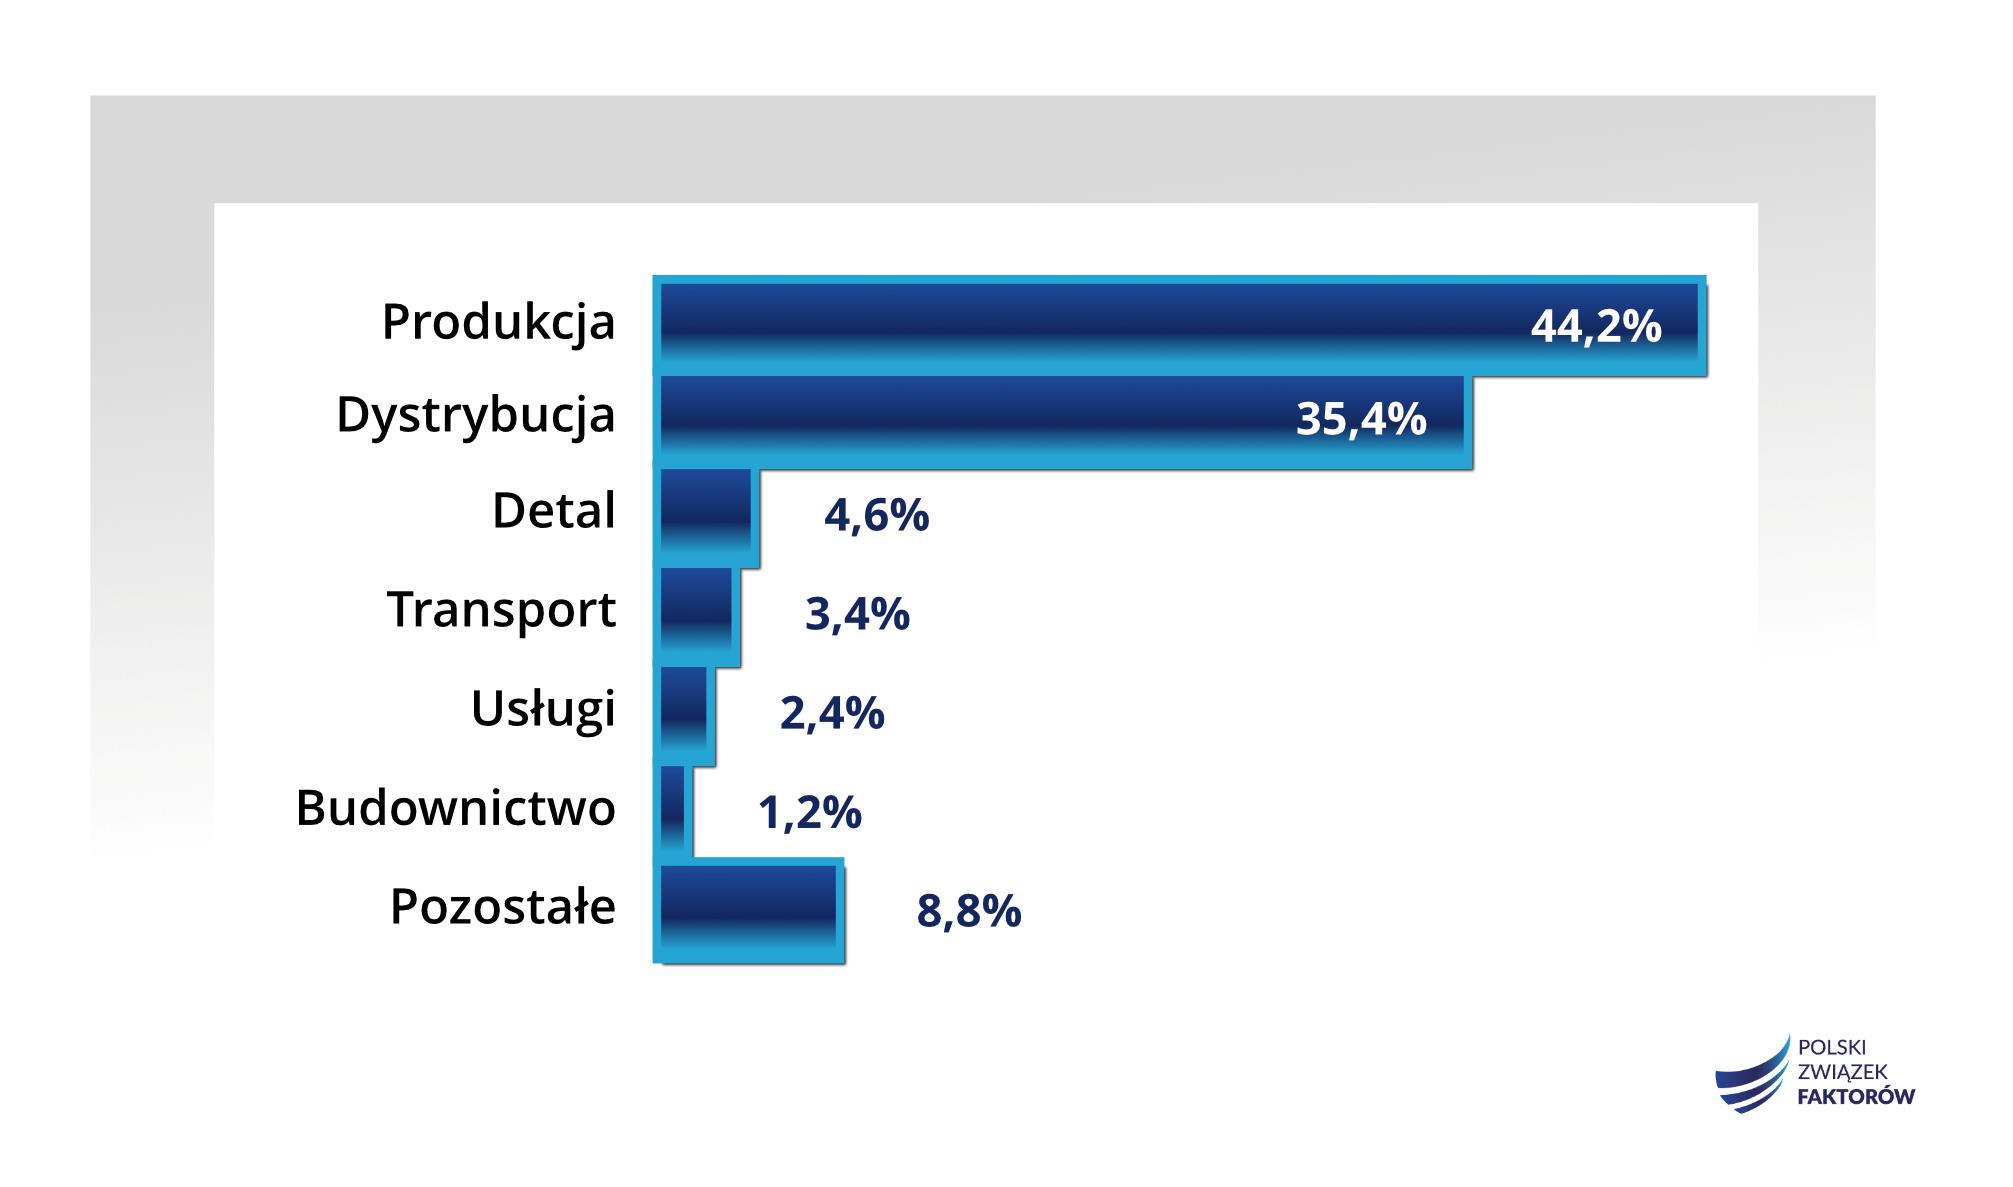 Struktura obrotów firm zrzeszonych w PZF po 3 kwartałach 2019 r. w ujęciu sektorowym